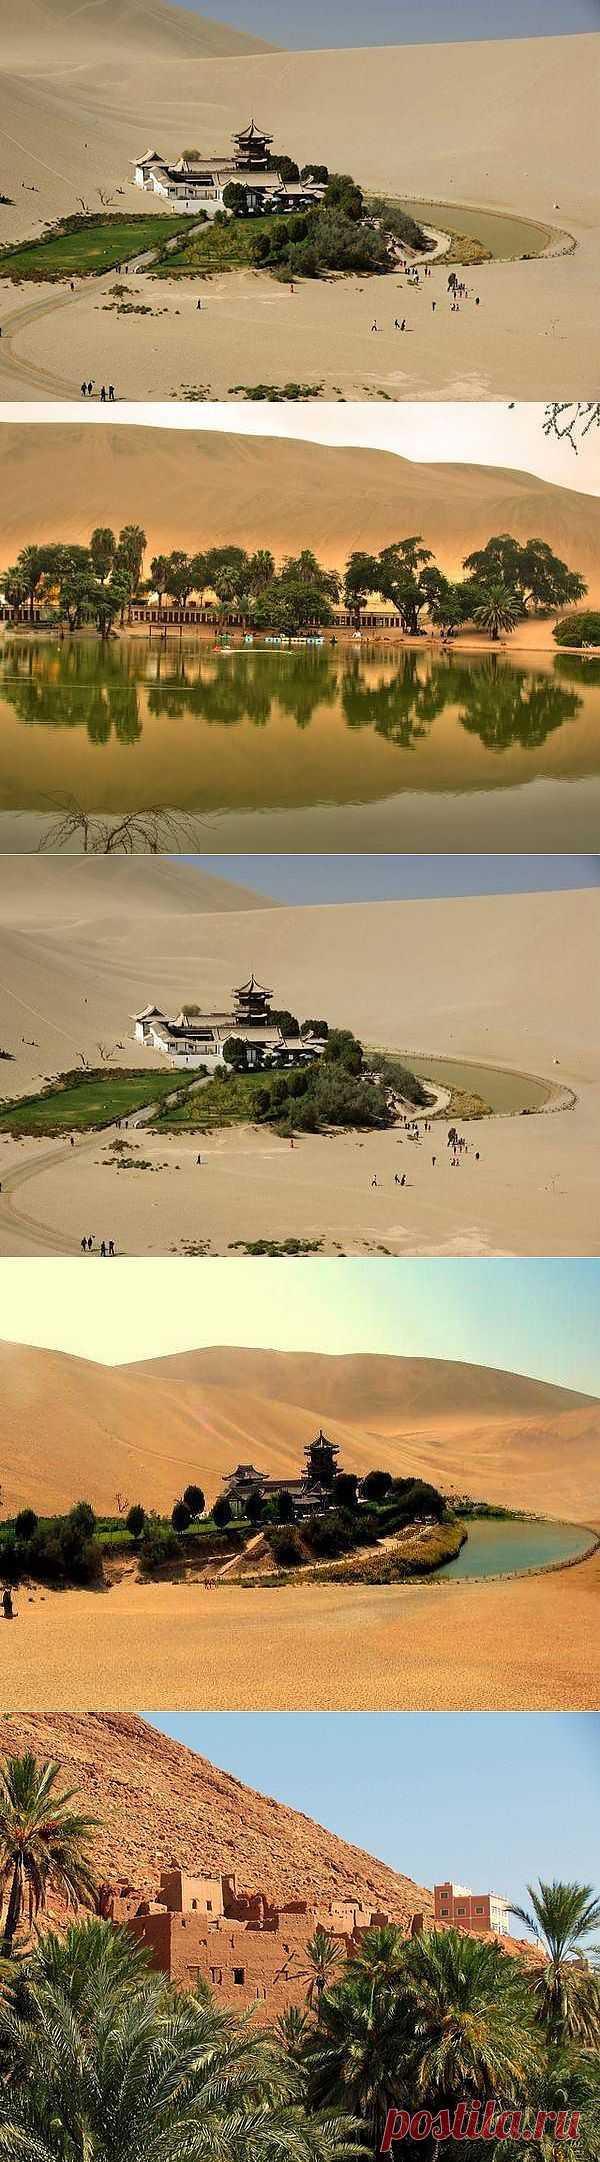 Los oasises más hermosos del mundo